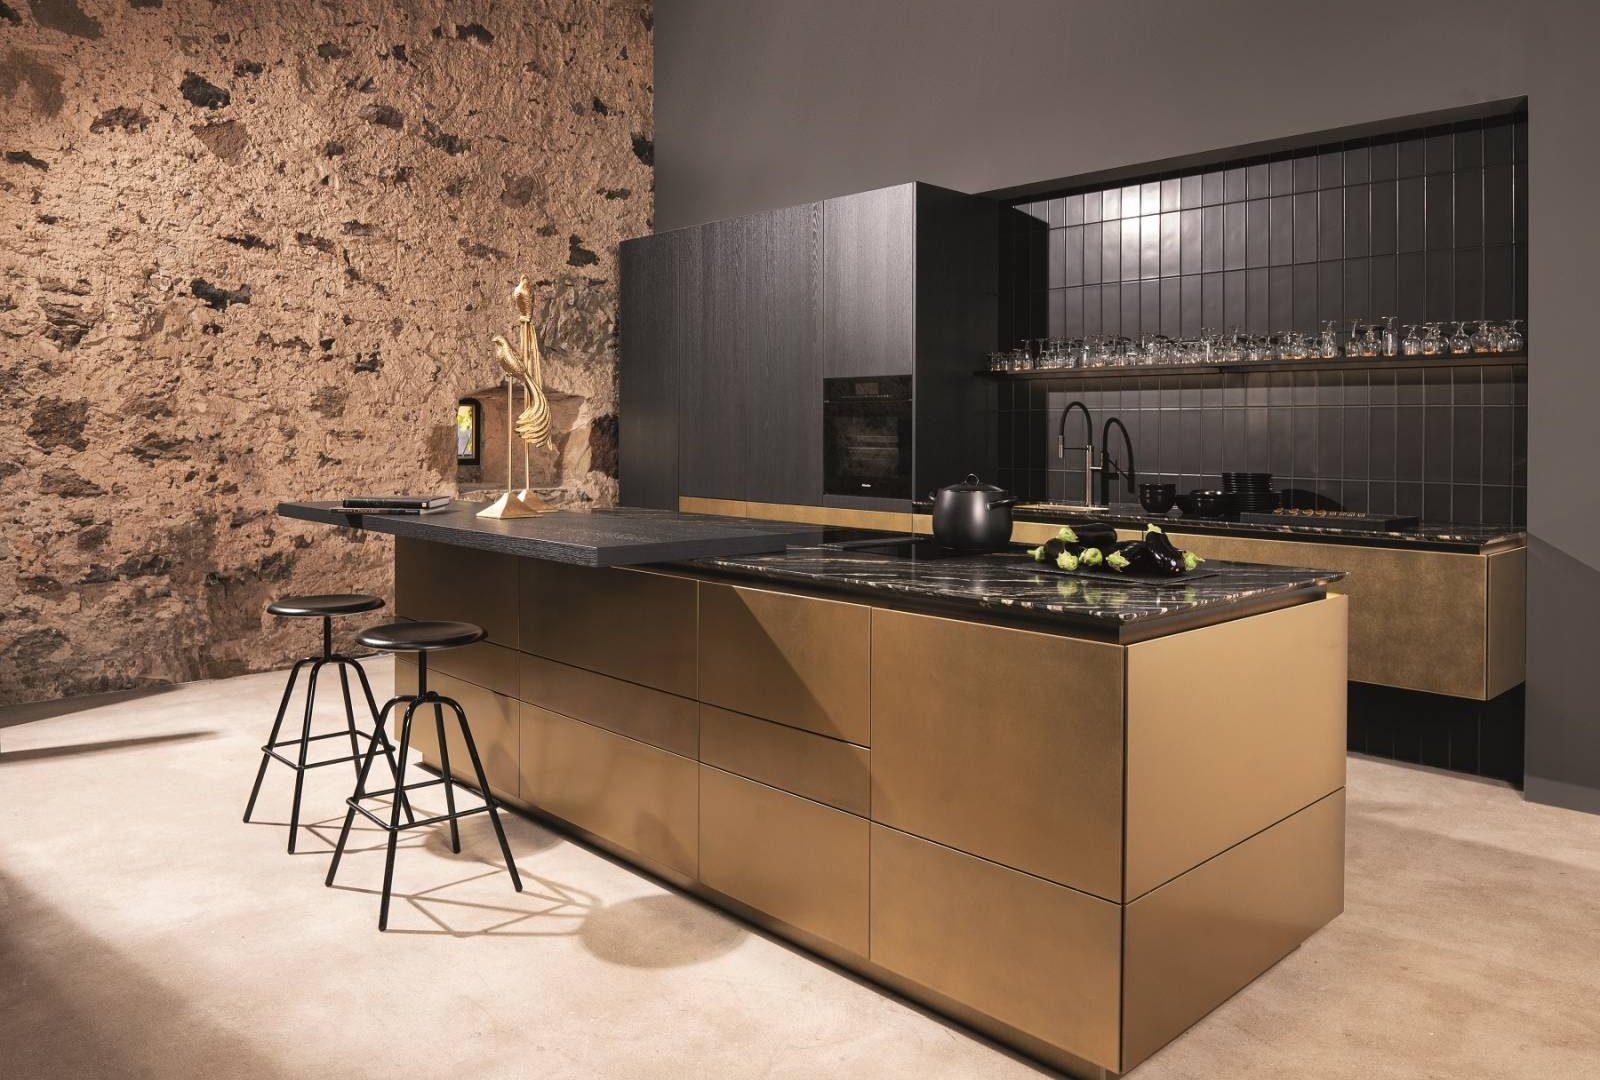 WARENDORF Küche Goldfronten - Küchentrends 2021